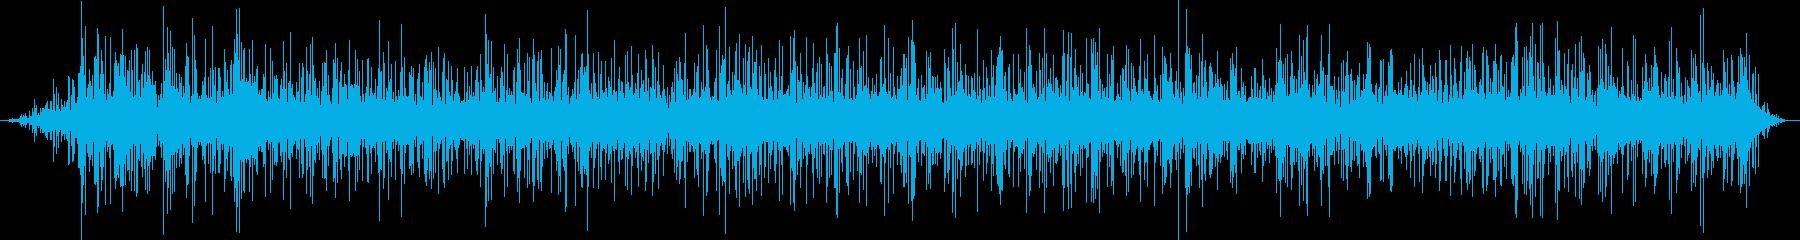 グツグツ(マグマが煮えたぎる)の再生済みの波形